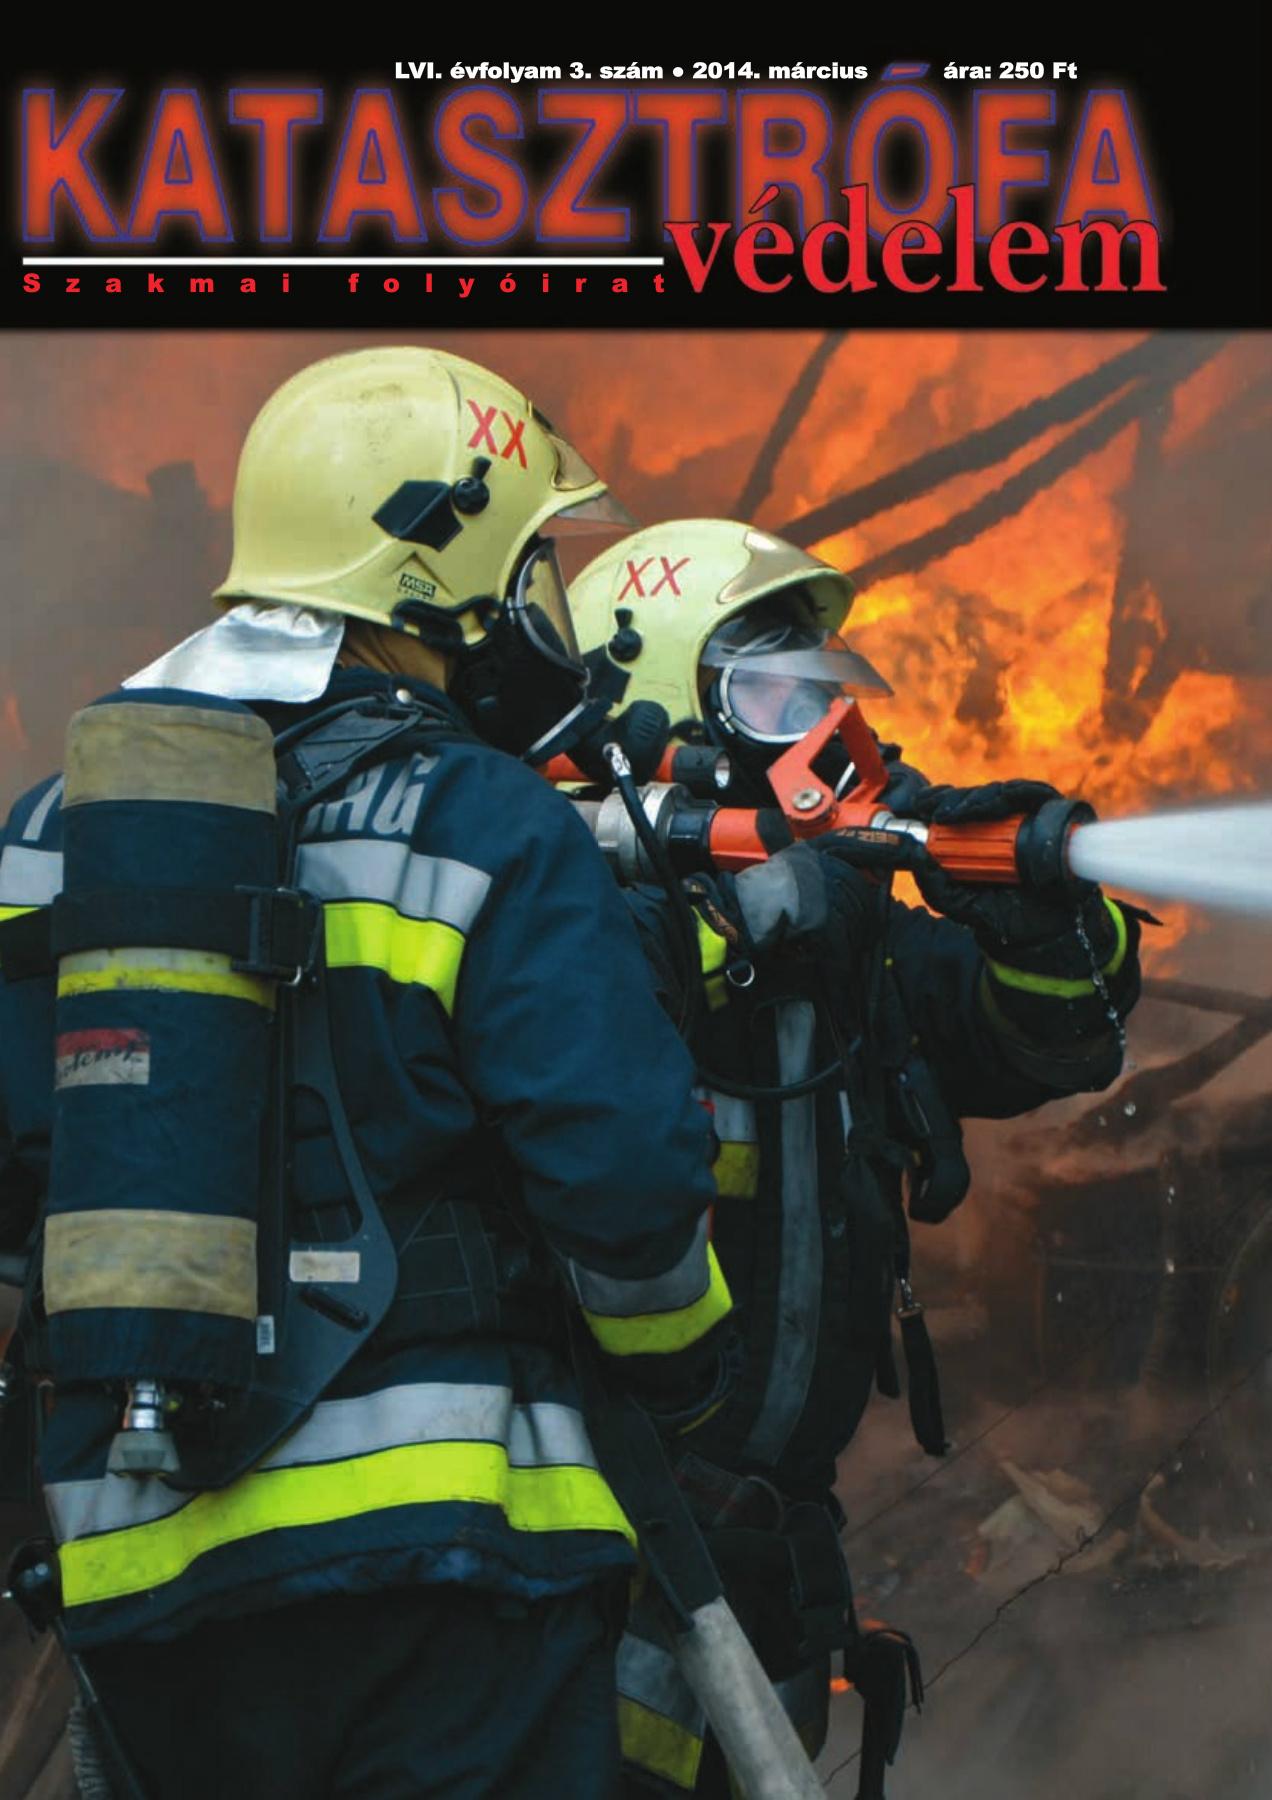 A Katasztrófavédelem magazin LVI. évfolyam 3. szám megtekintése